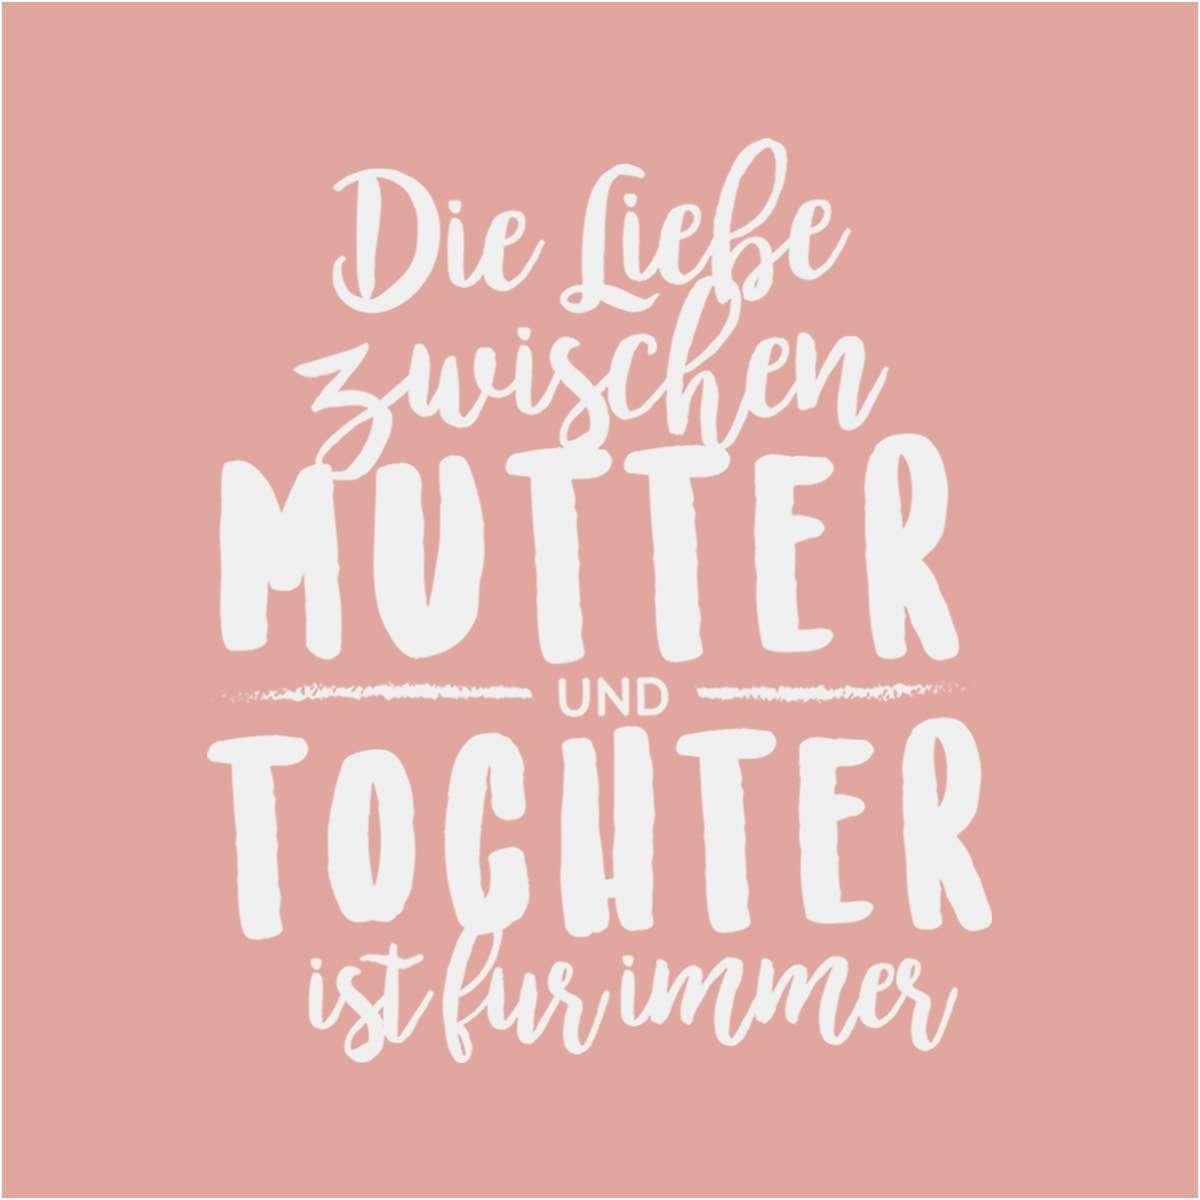 Liebe Zwischen Mutter Und Tochter Ist Fur Immer A  C Ai C B  E  D E  D